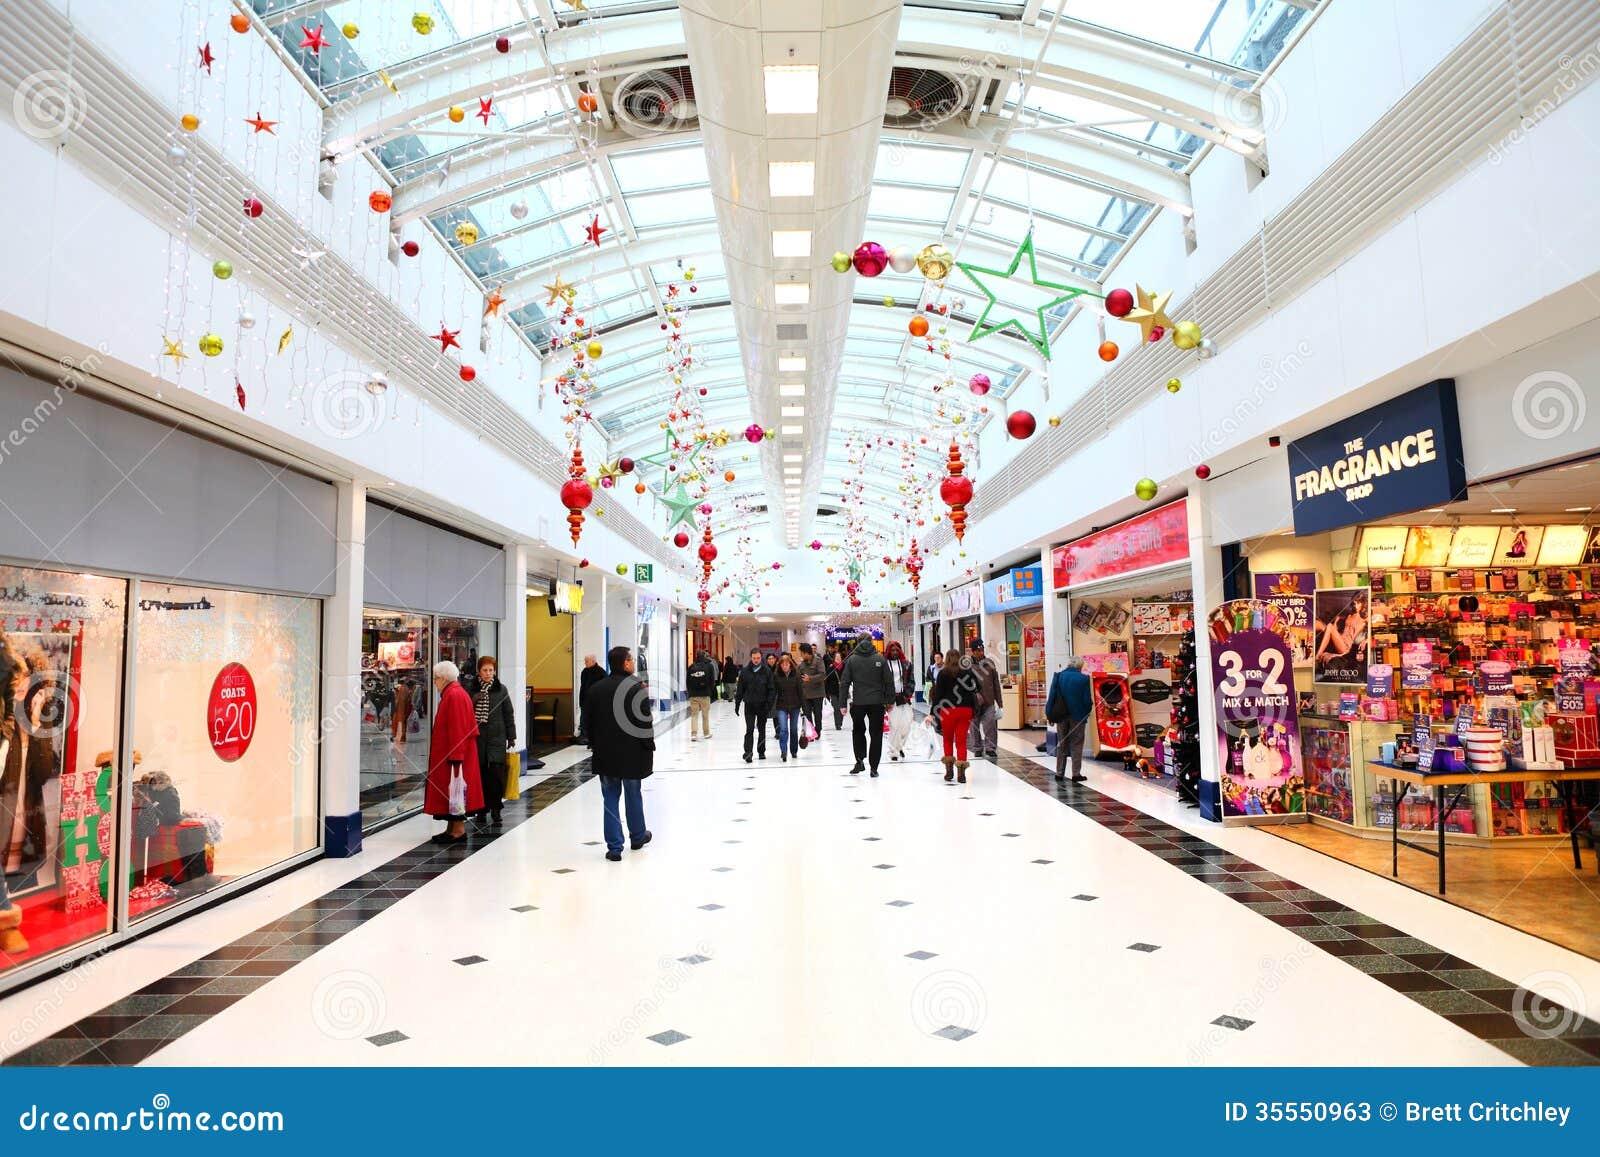 Weihnachtsdekorationen im Einkaufszentrum